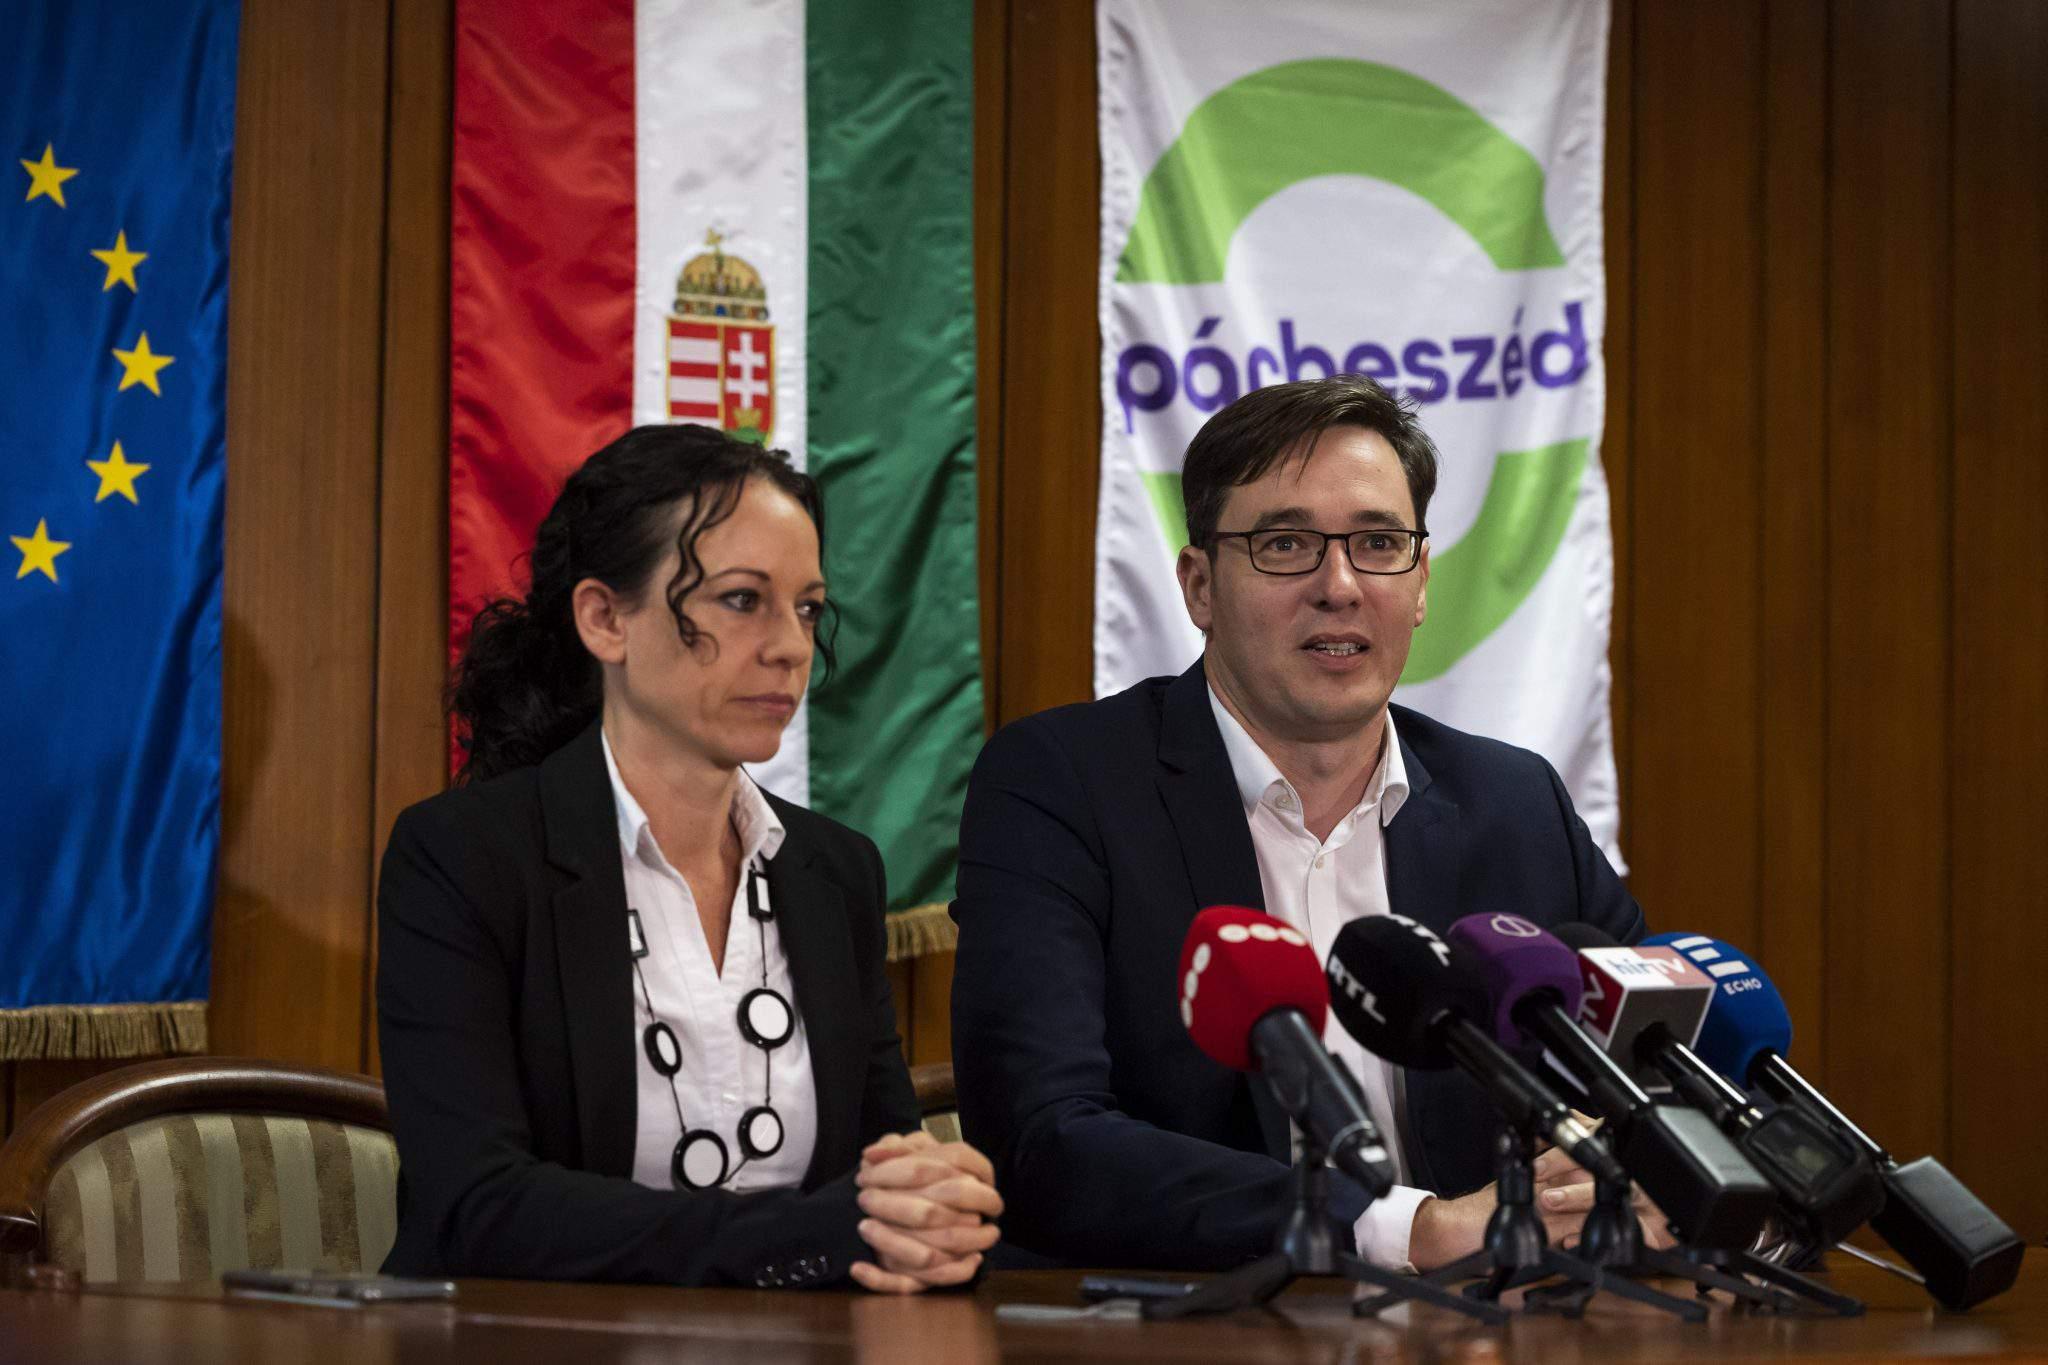 Párbeszéd Hungary opposition